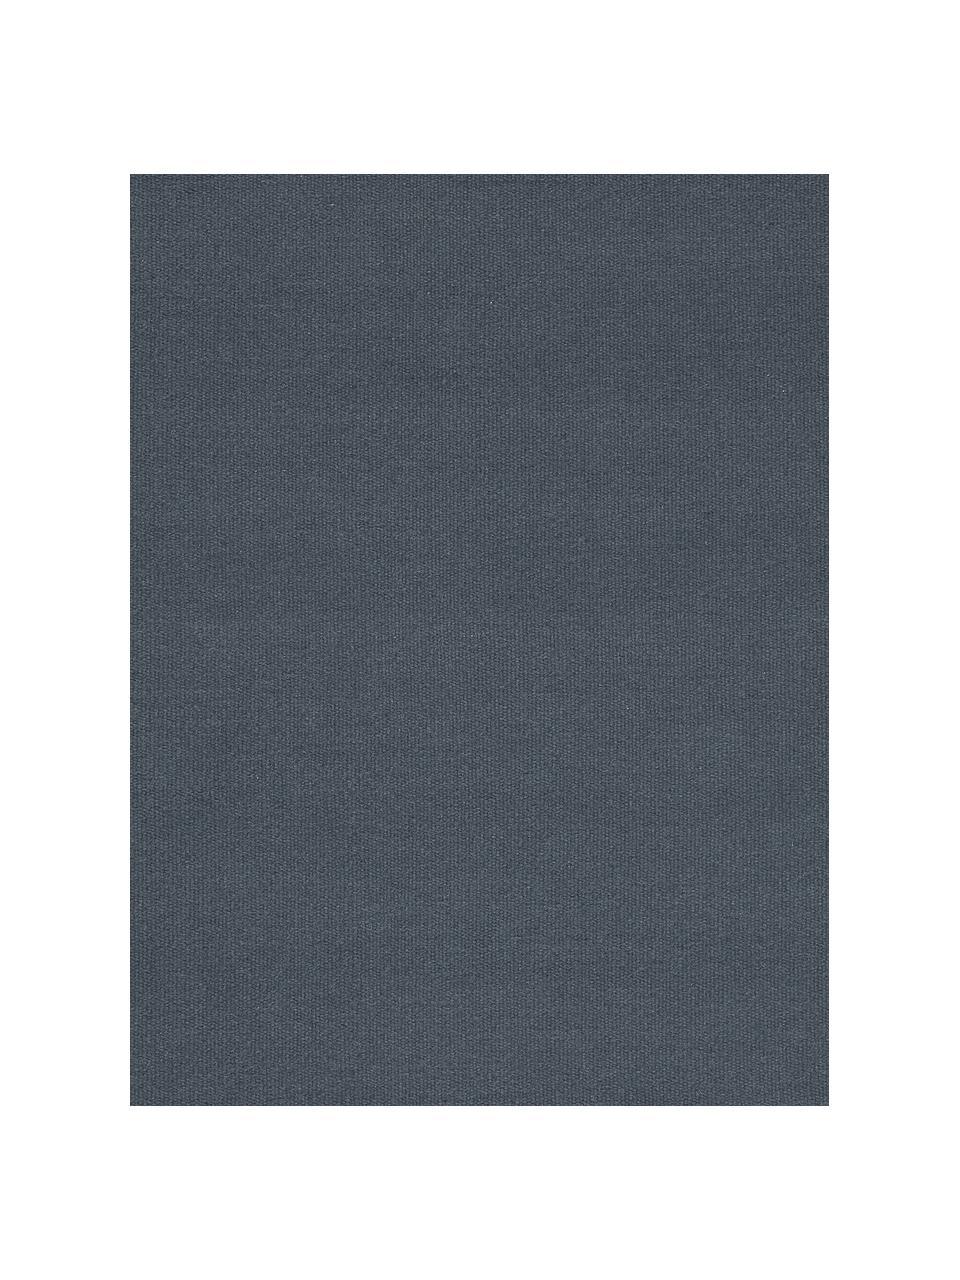 Tappeto Kilim in lana tessuto a mano con frange Rainbow, Frange: 100% cotone Nel caso dei , Blu scuro, Larg. 200 x Lung. 300 cm (taglia L)